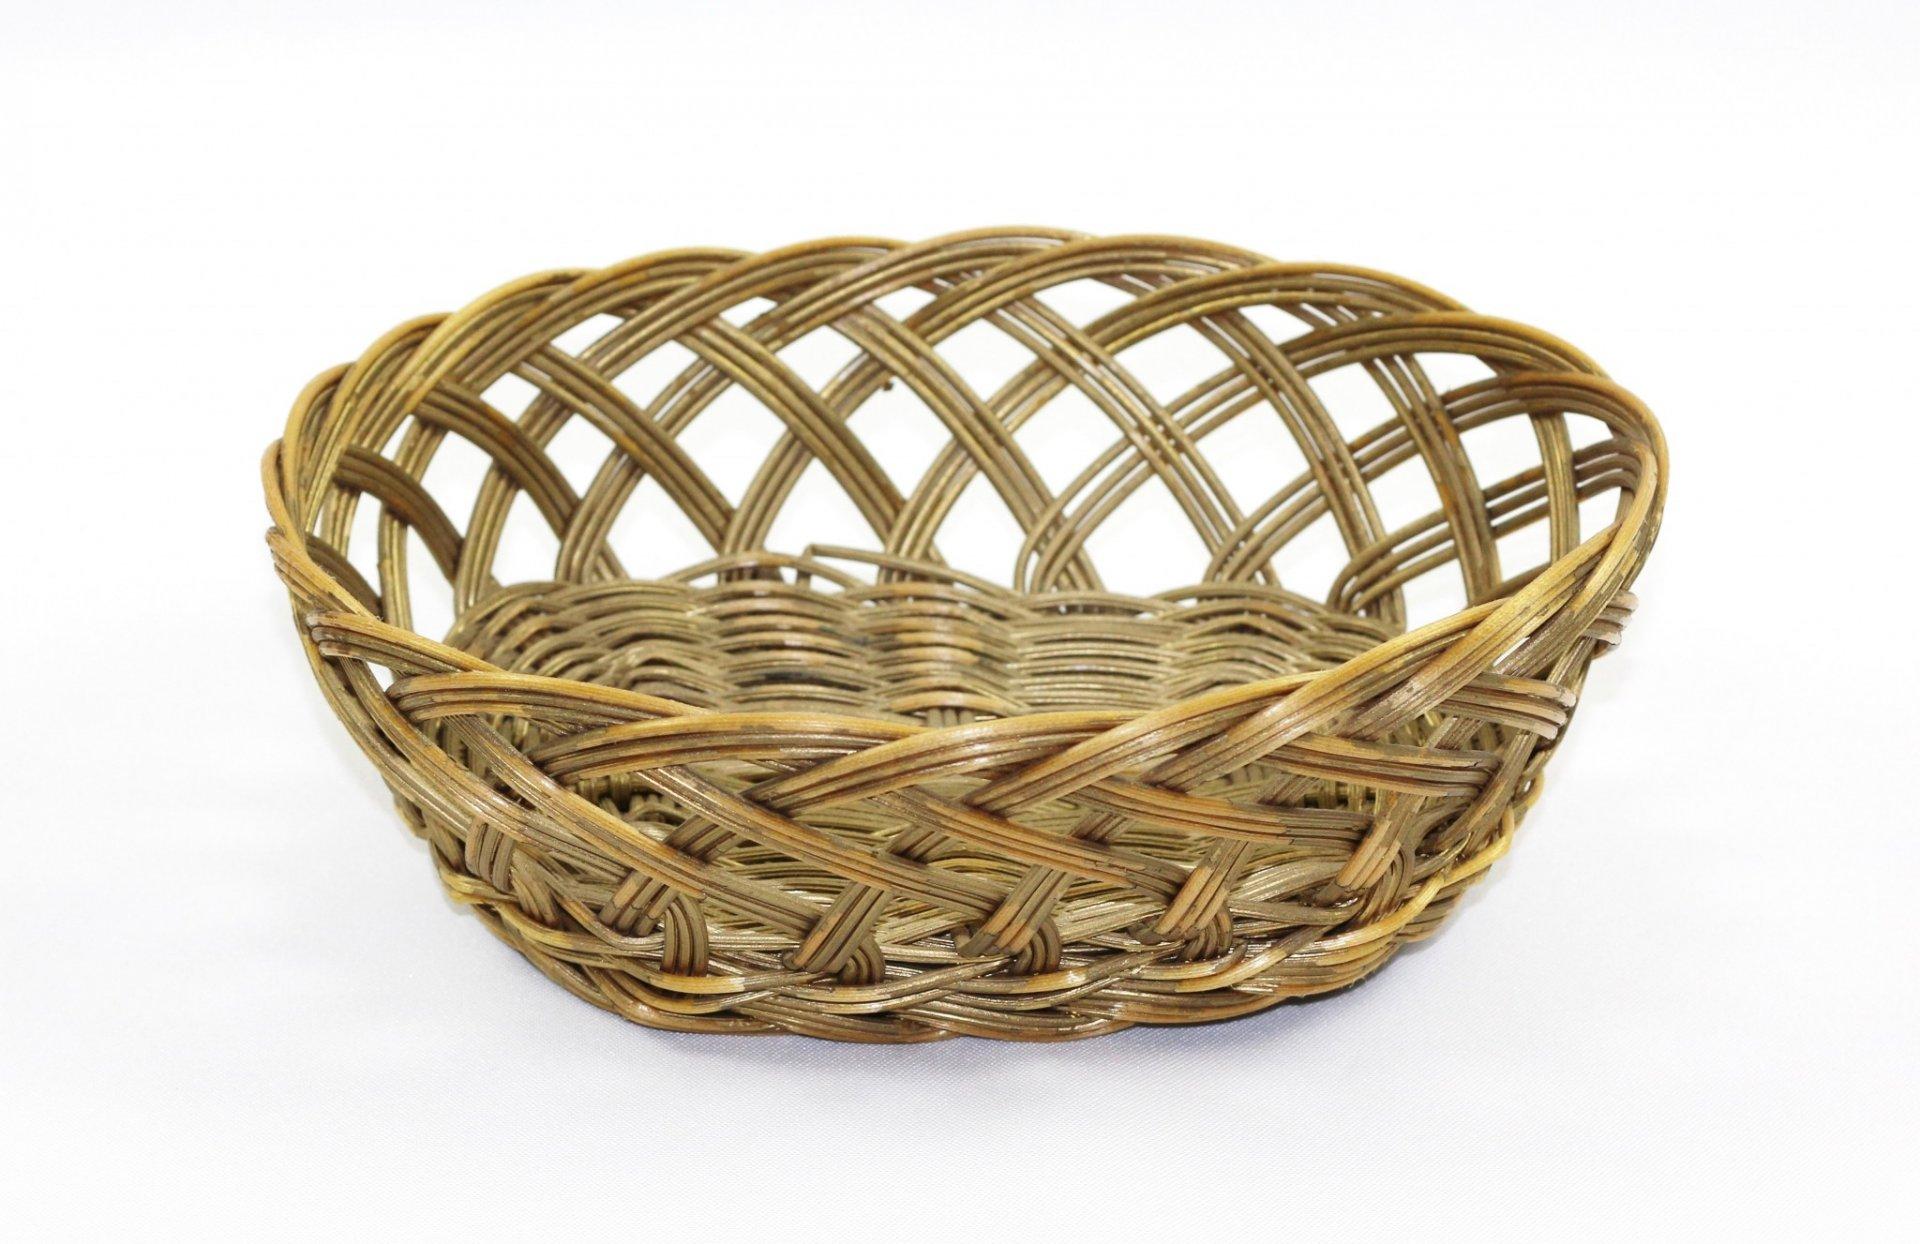 Wicker Food Service Baskets